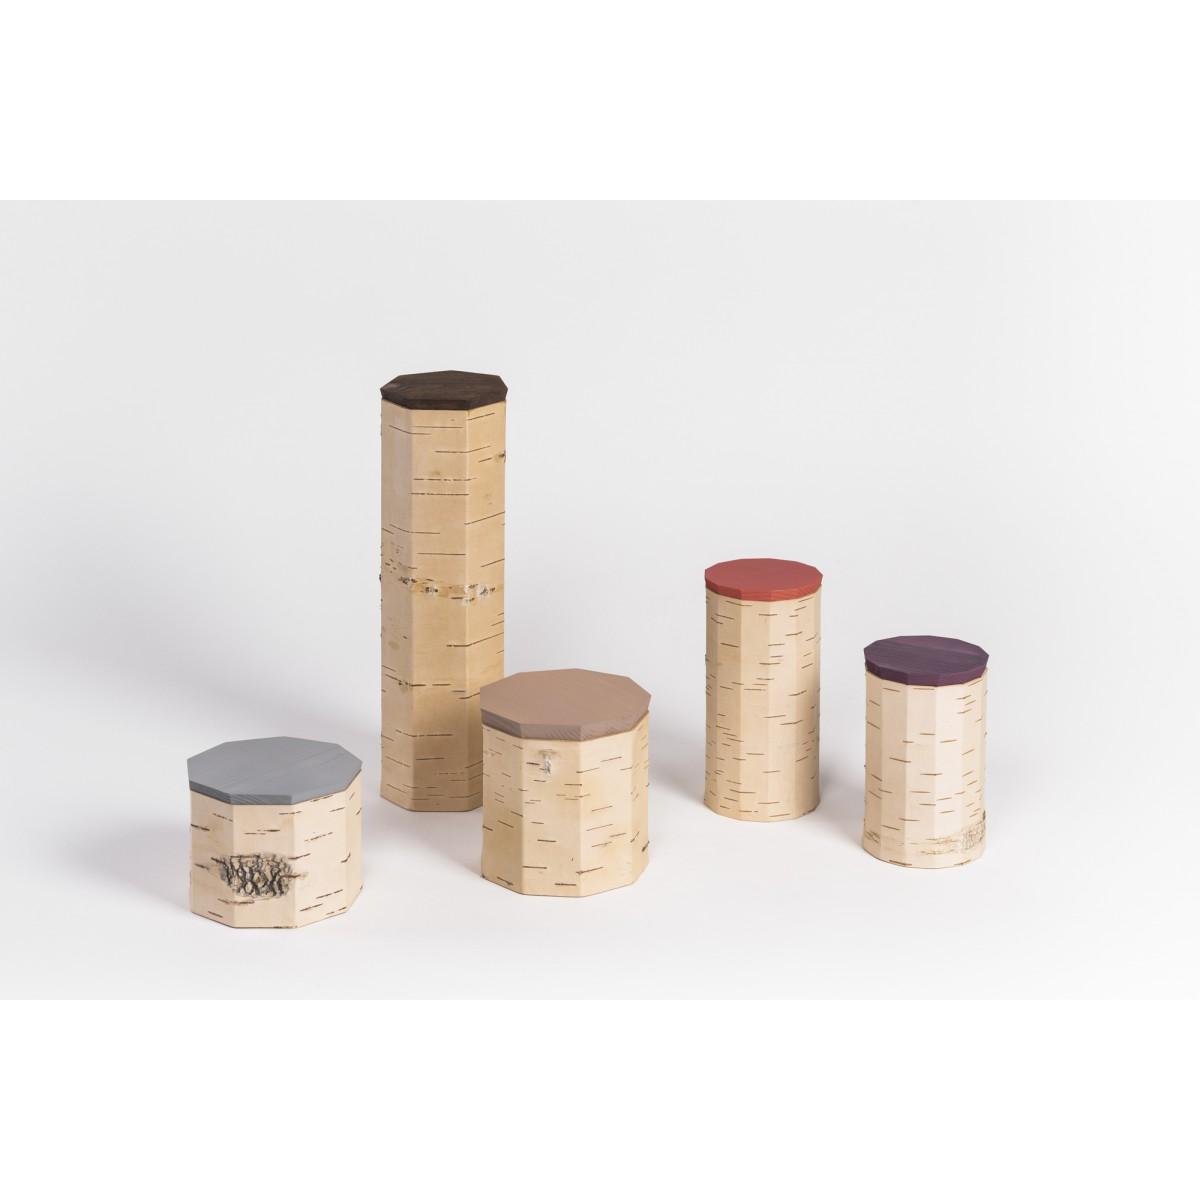 MOYANachhaltige Vorratsdosen aus BirkenrindeTUESA | 5er Set | plain edition